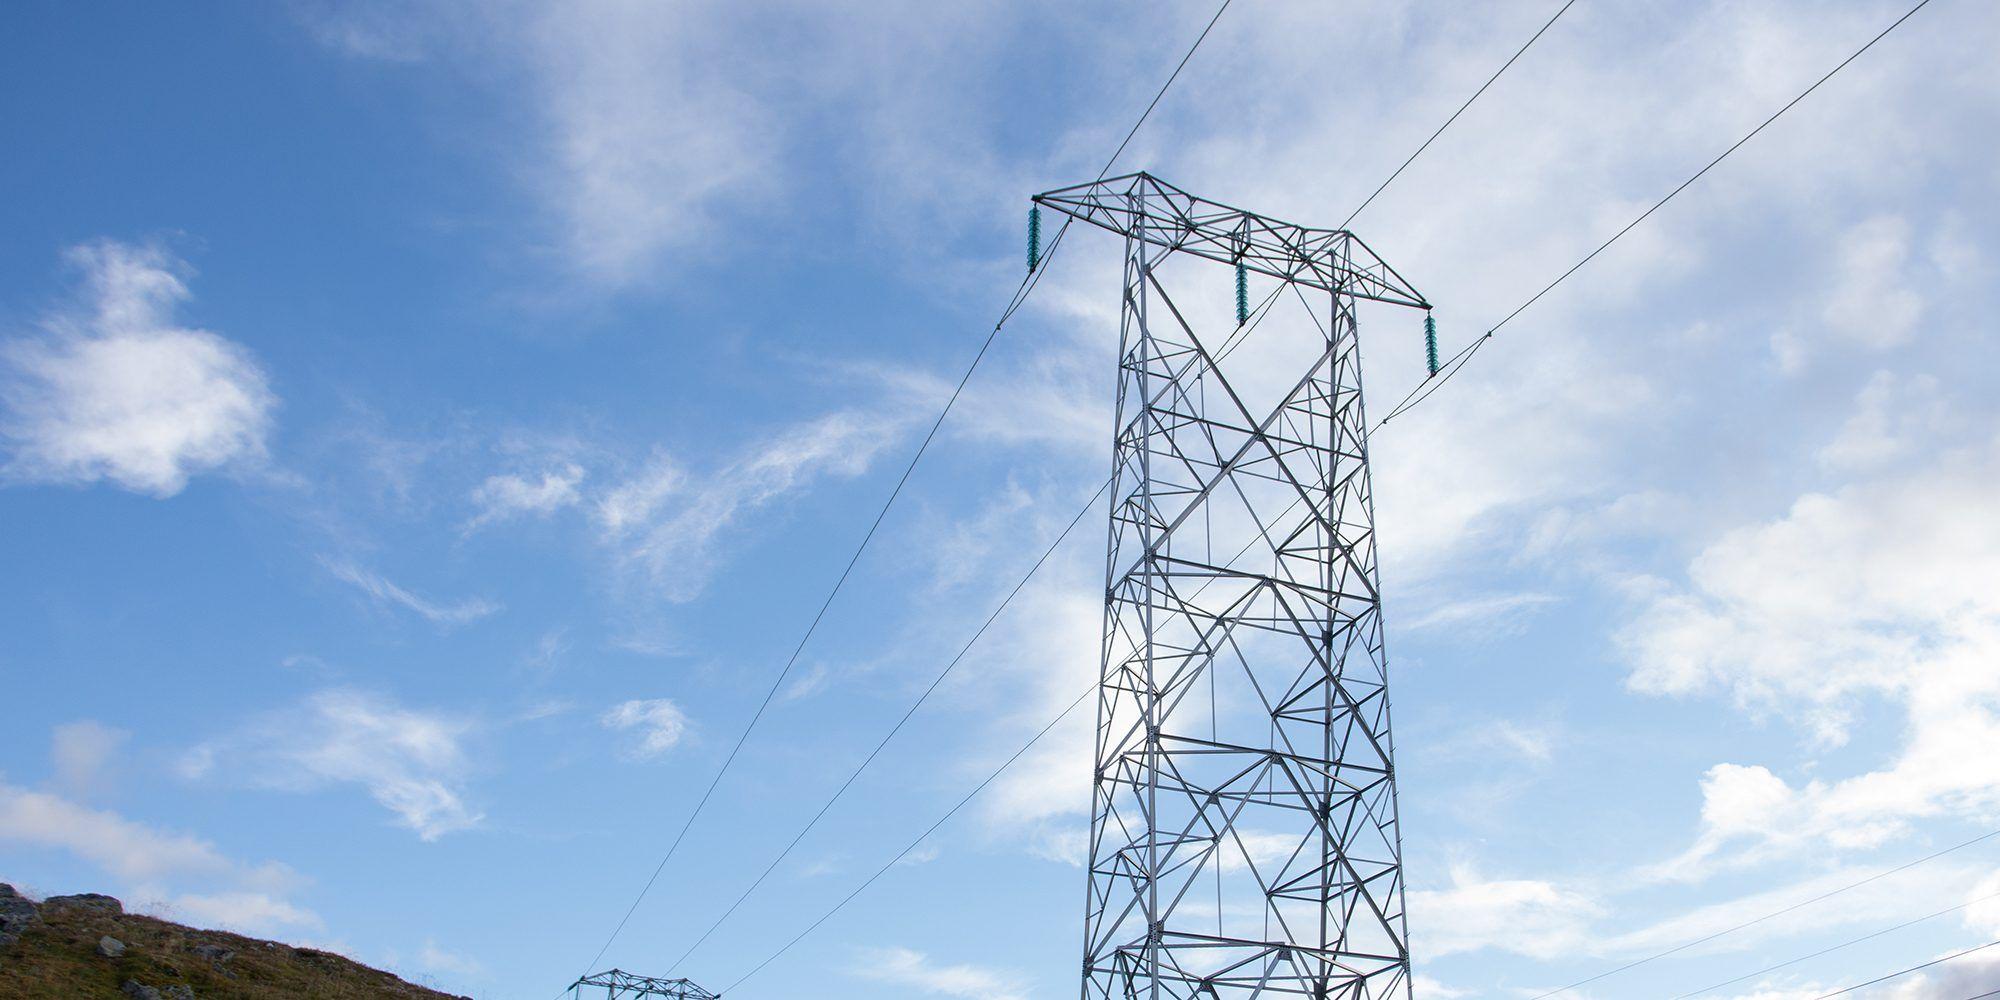 Illustrasjonsbilde: Bilde av en strømmast med en blå himmel i bakgrunnen